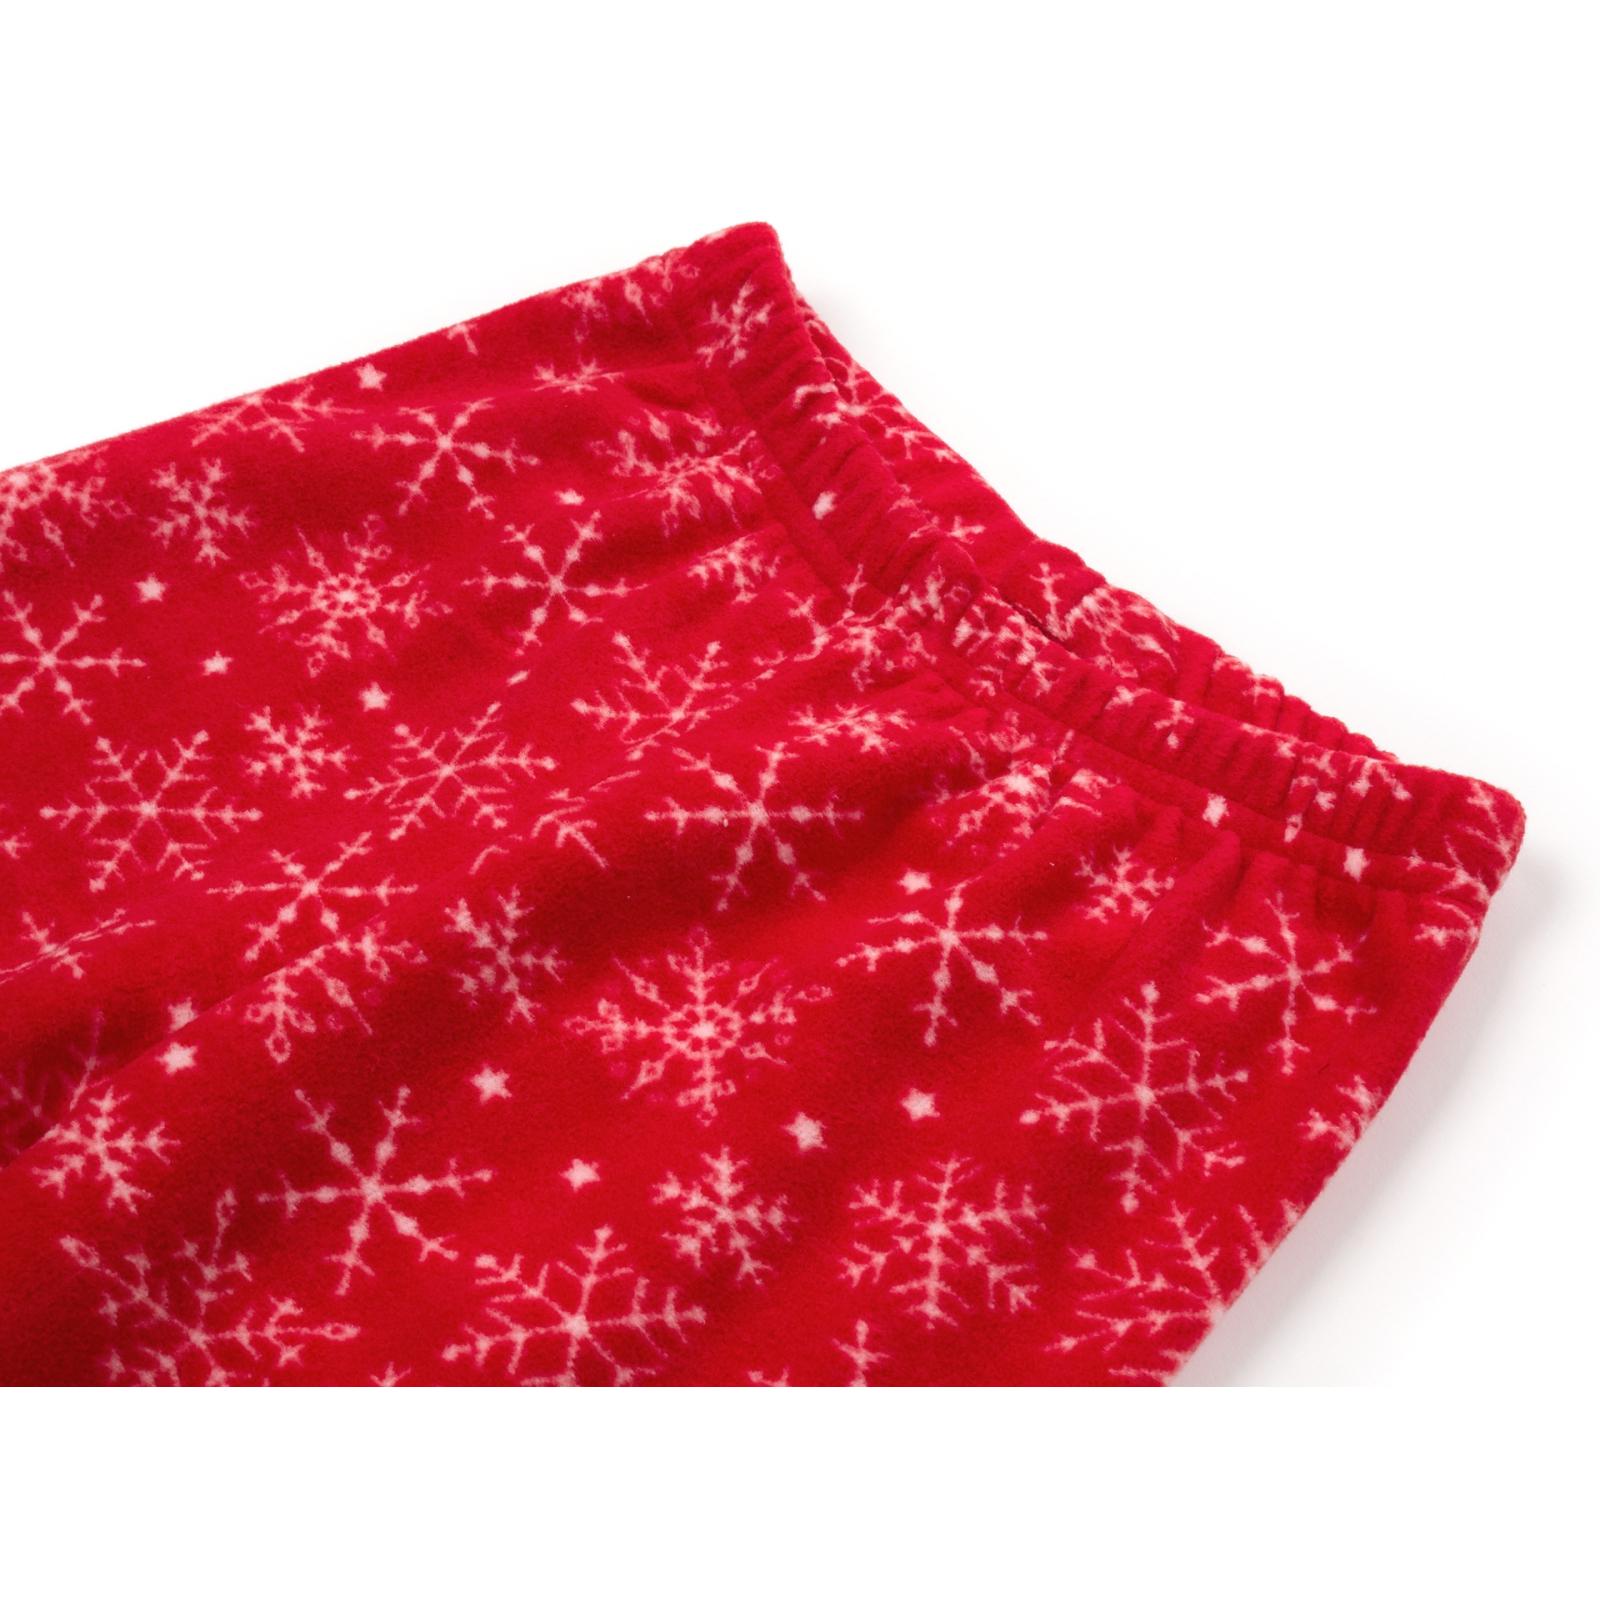 Пижама Matilda флисовая со шляпкой (9110-3-134G-red) изображение 8